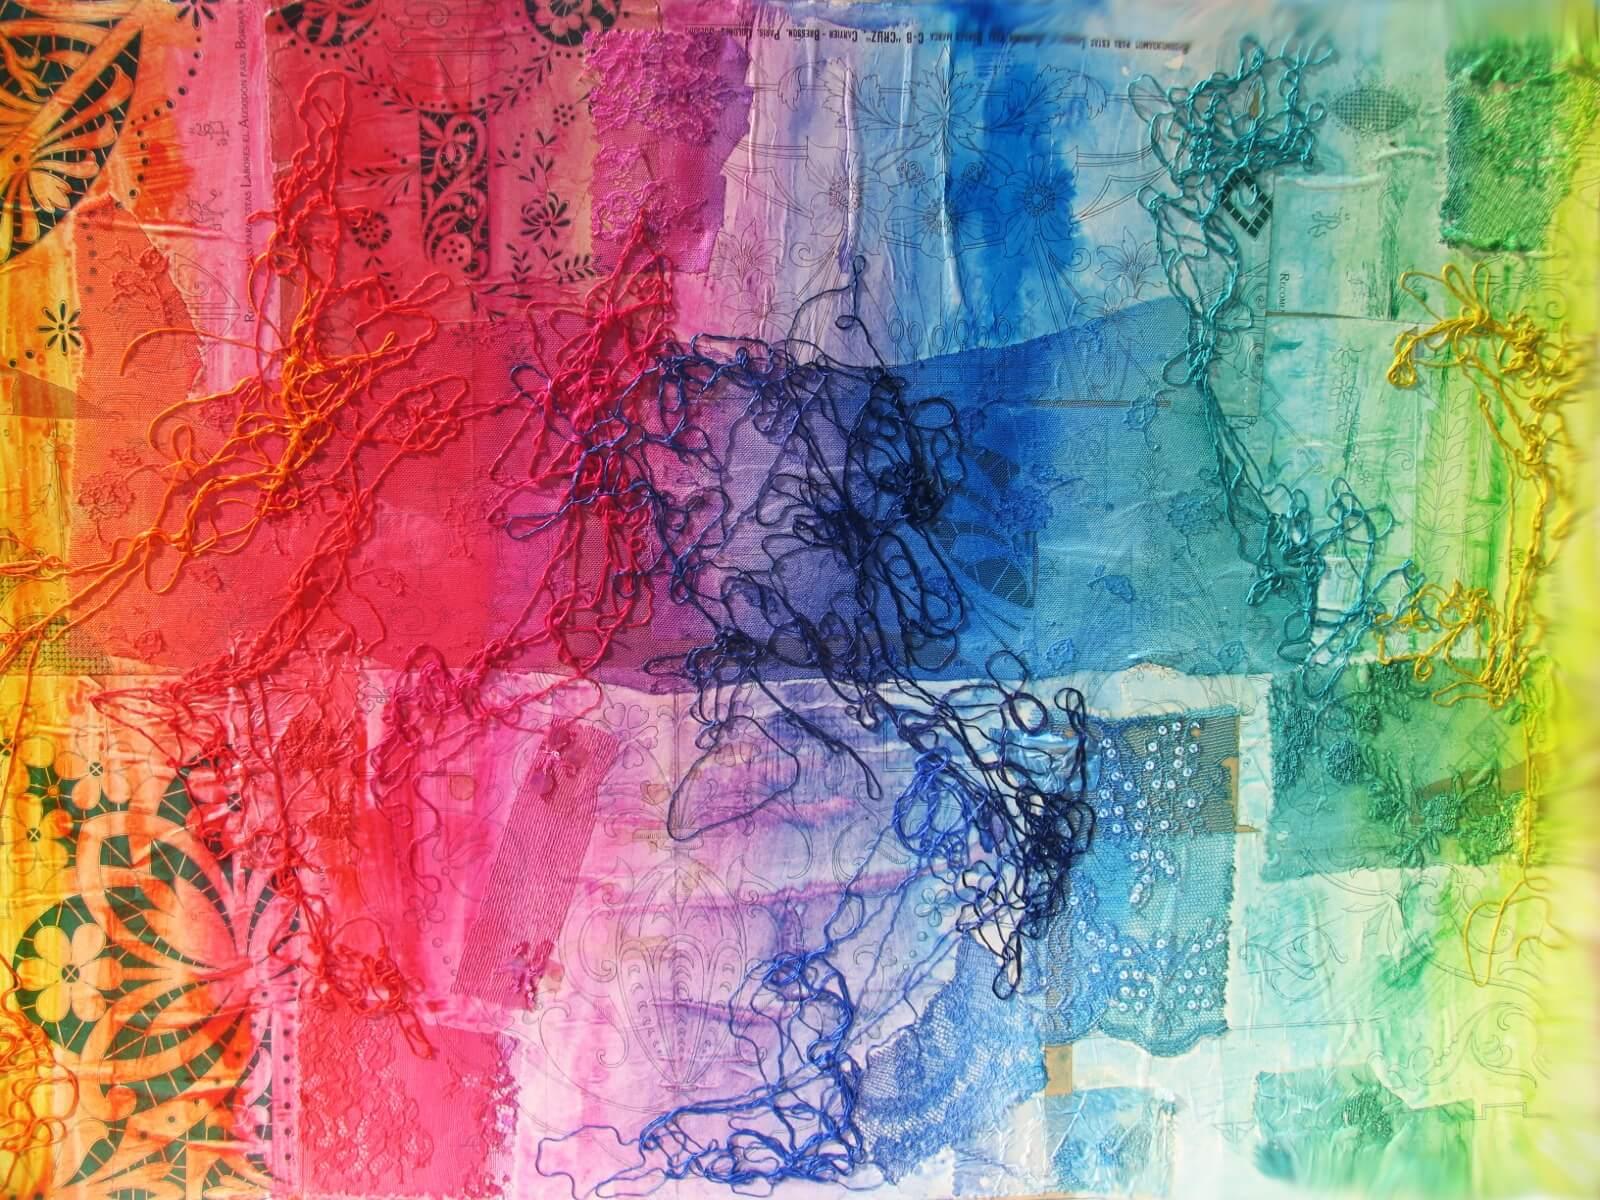 Cuadro de la colección Texcollage del pintor José Alberto López